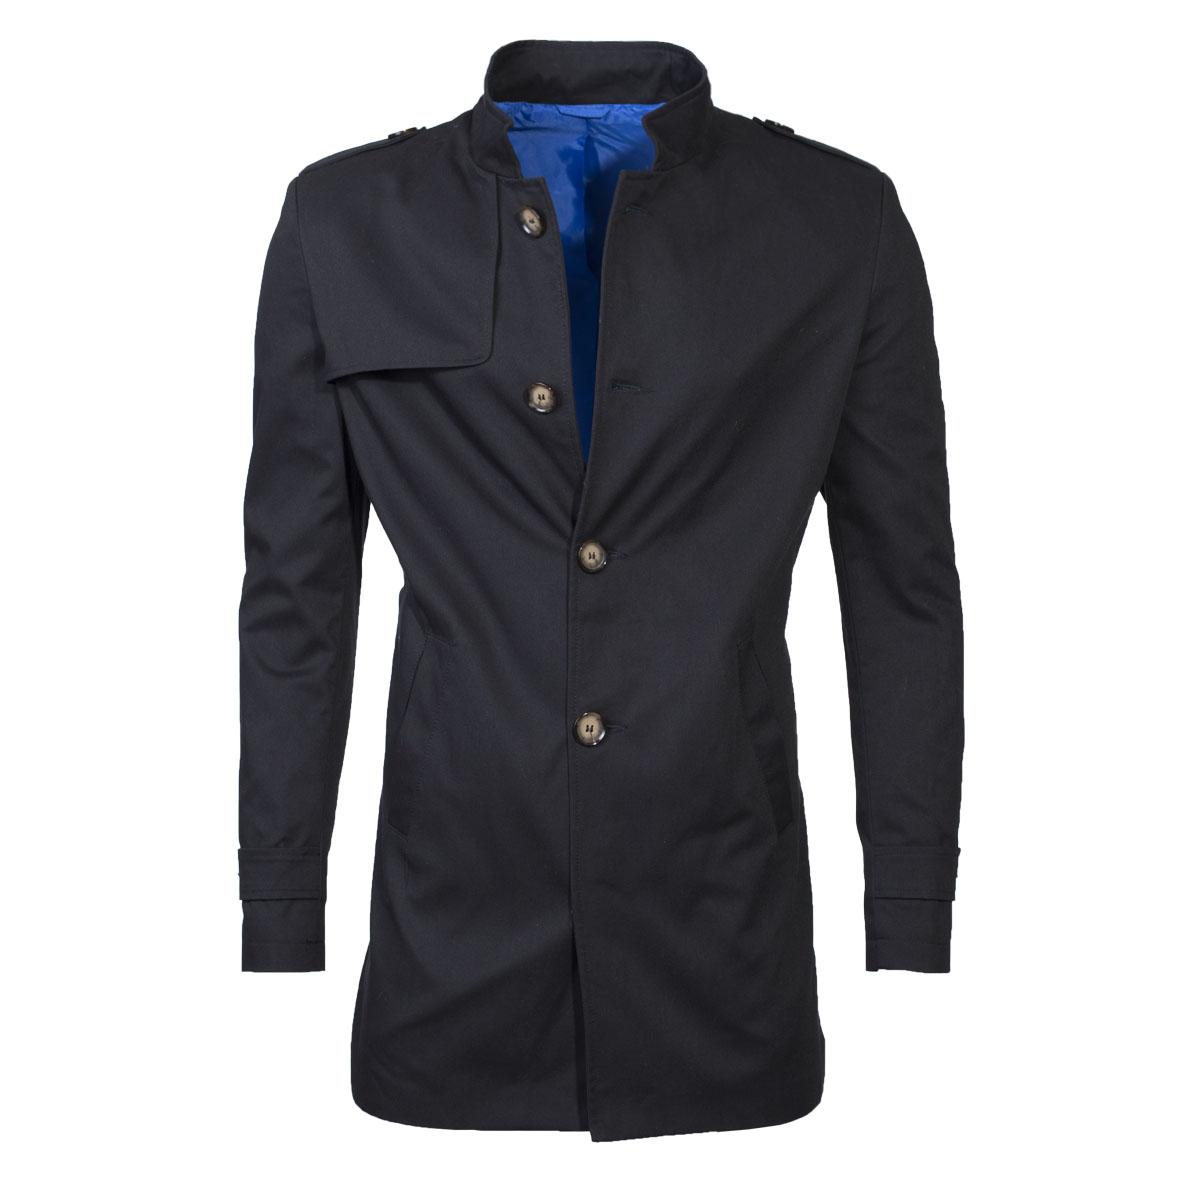 Ombre Clothing Férfi őszi kabát öltönyhöz Eliot fekete - Glami.hu 8030c392c4